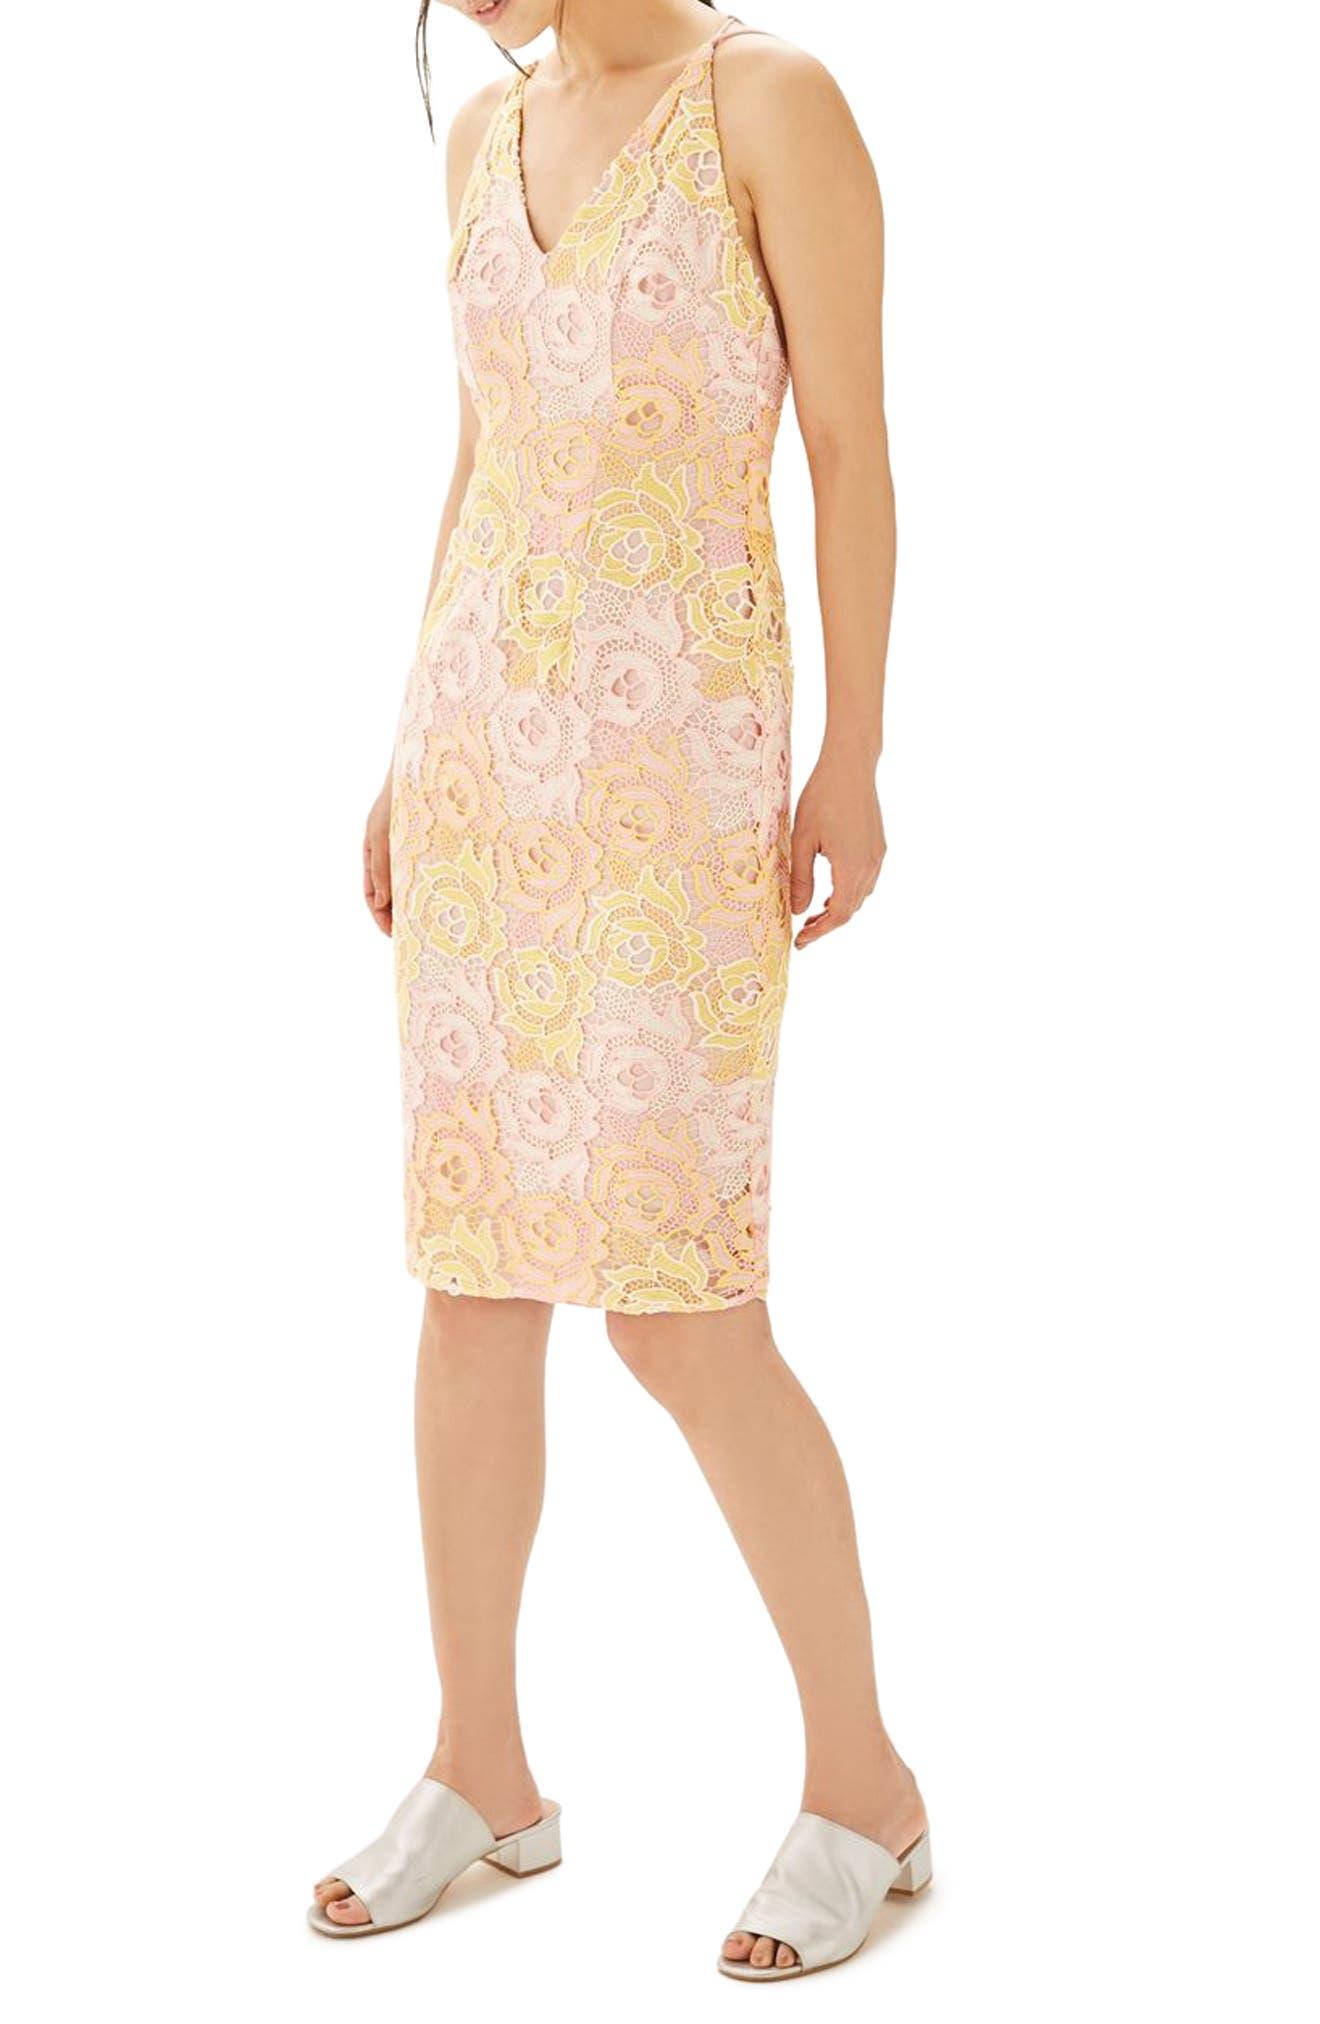 Topshop Floral Lace Sheath Dress